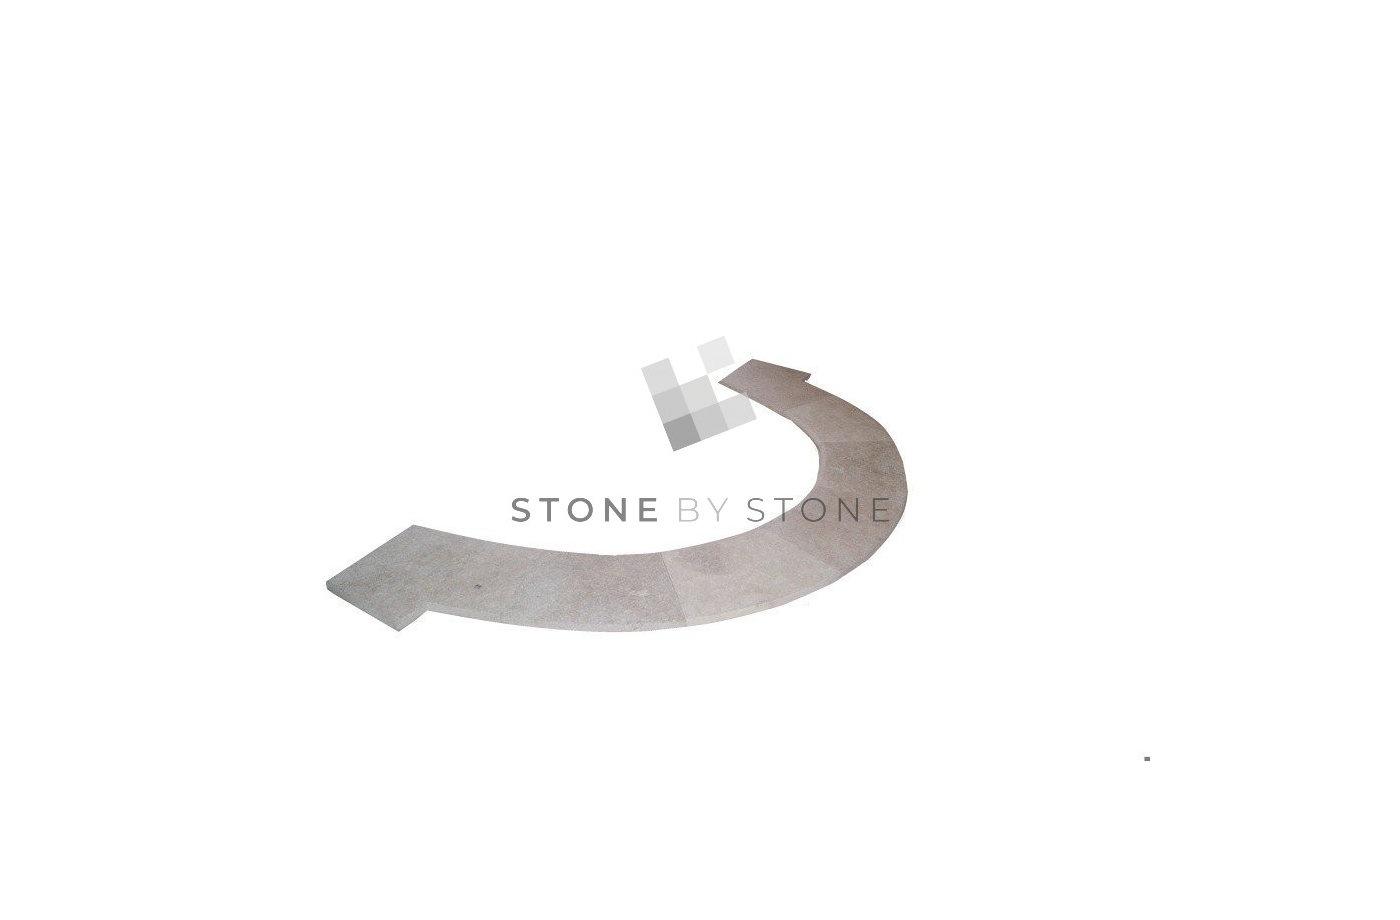 BAIN ROMAIN rayon 1,5m Bord Demi-Rond - Mix Beige - Vieilli 1er Choix